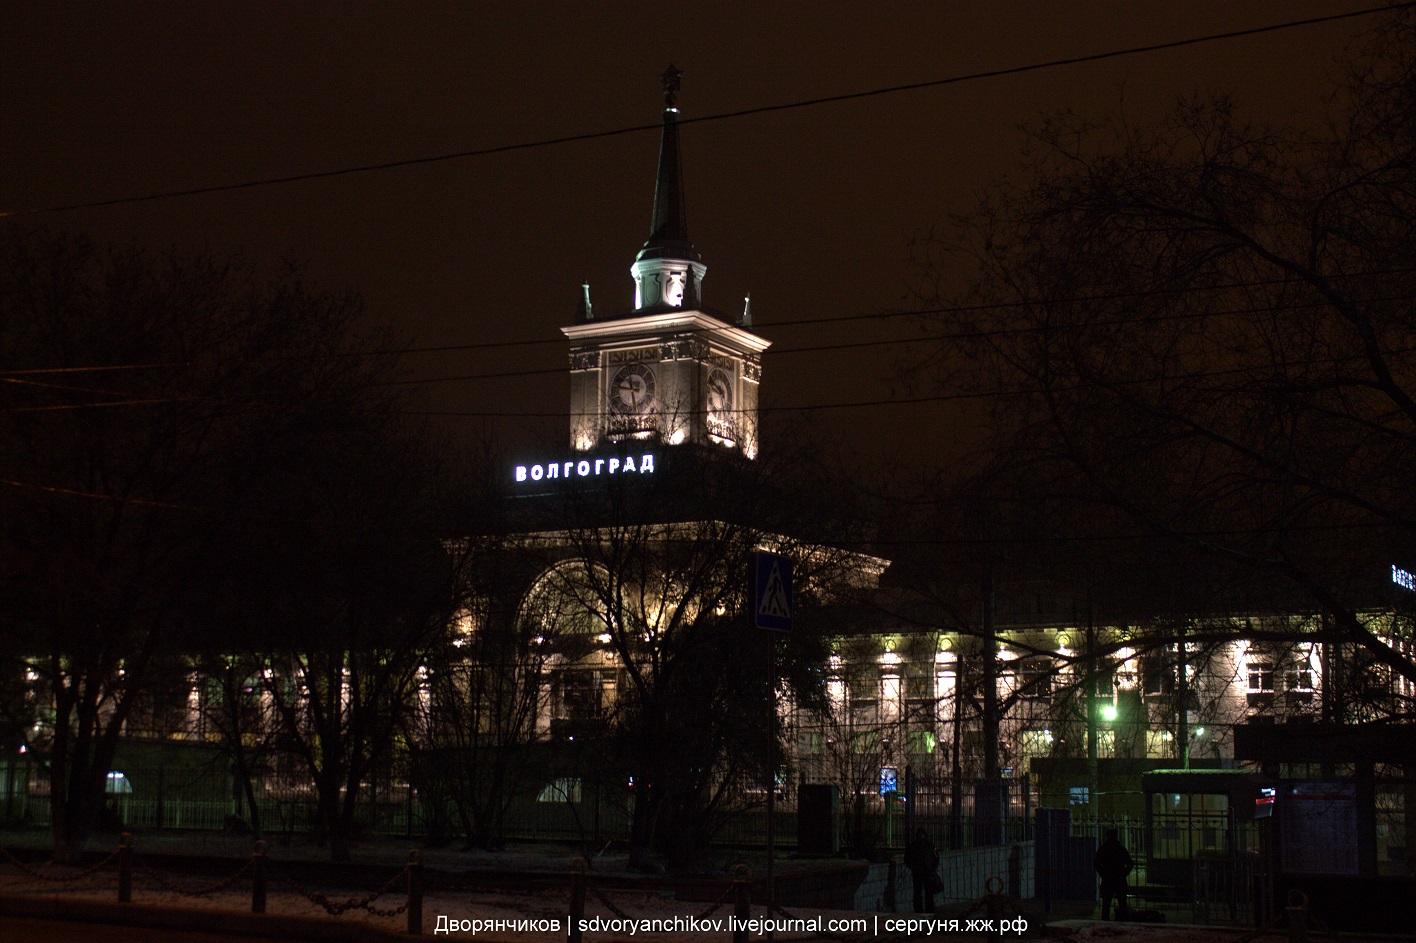 С другой стороны - жд вокзал Волгоград 1